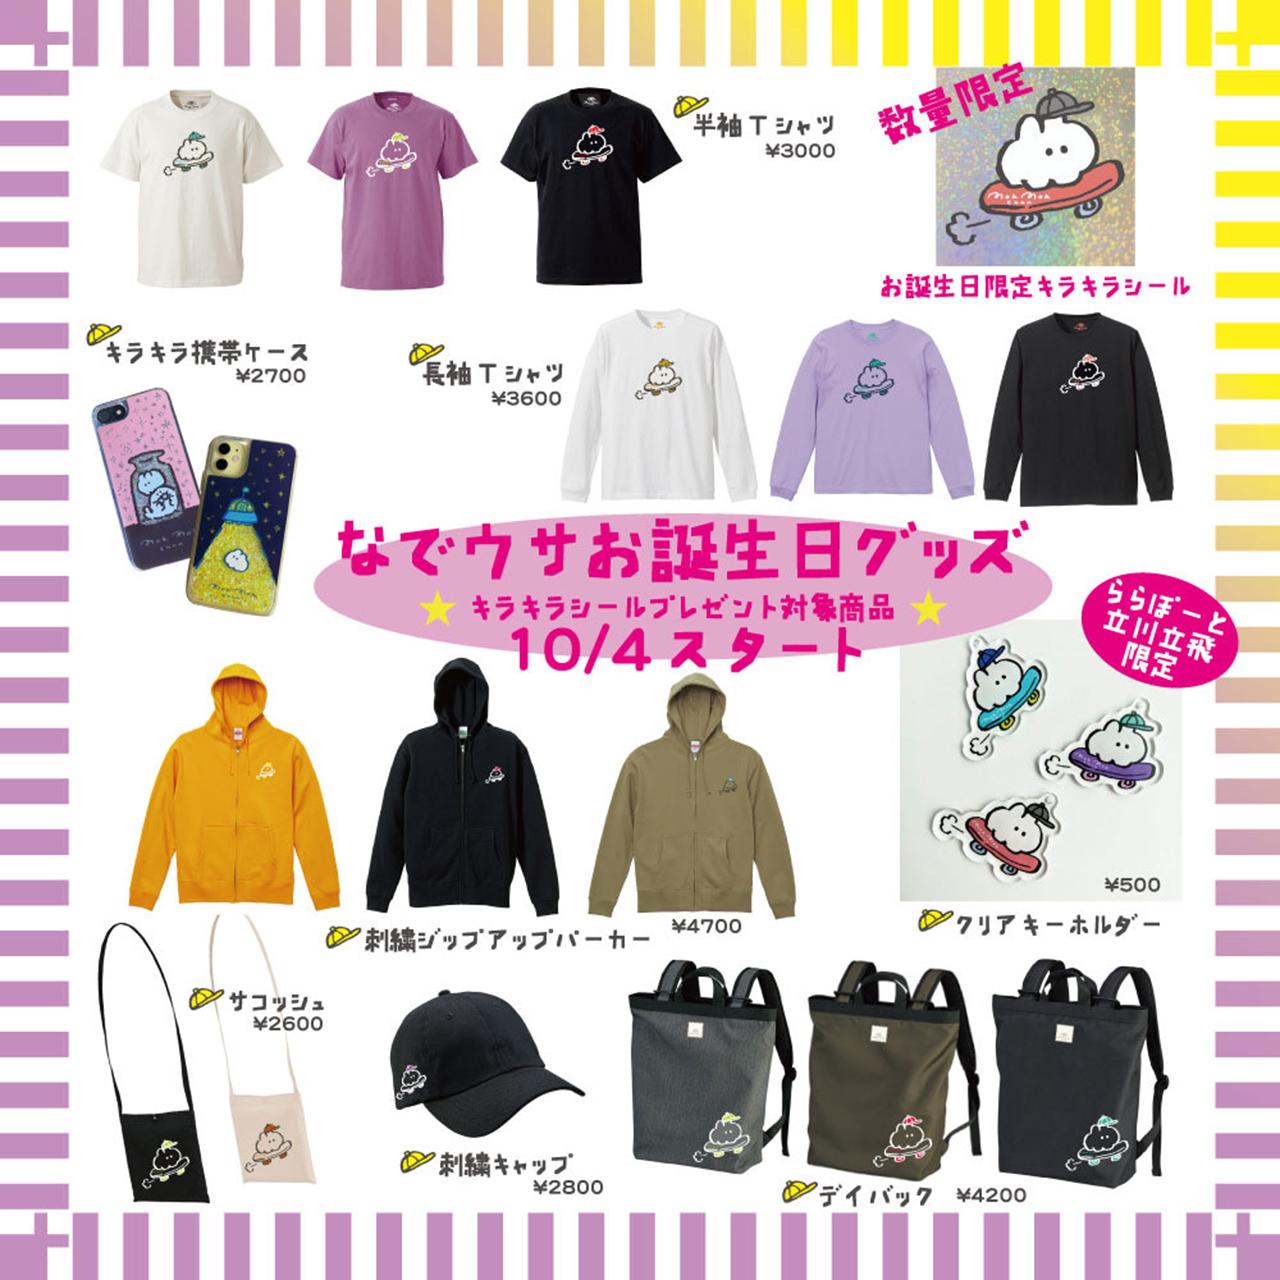 ★キラキラiPhoneケース 受注生産★